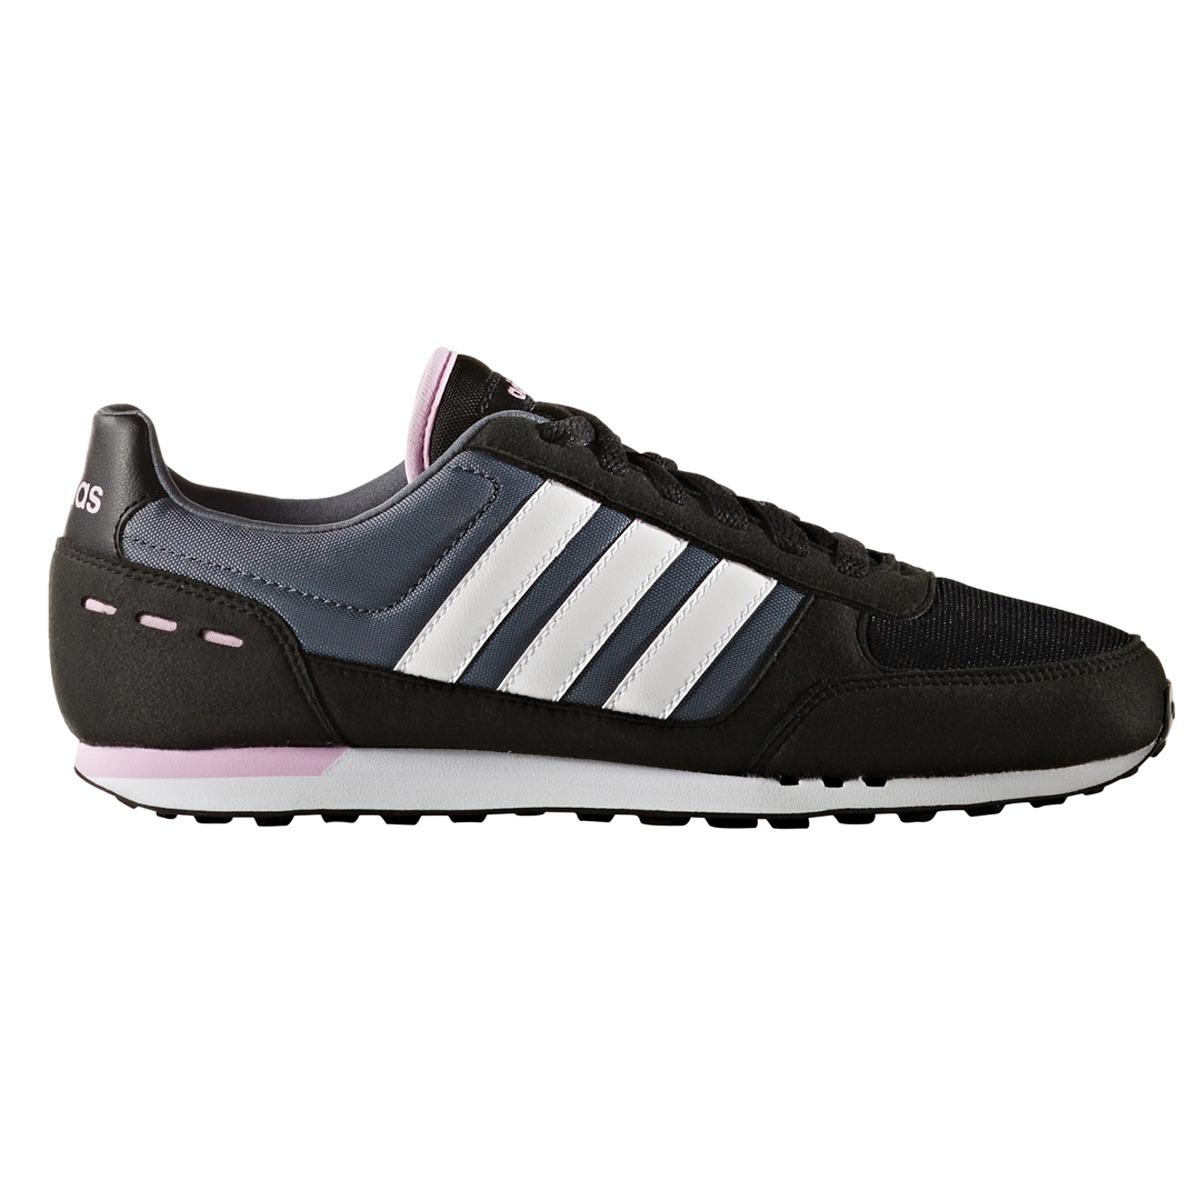 sportline zapatillas adidas